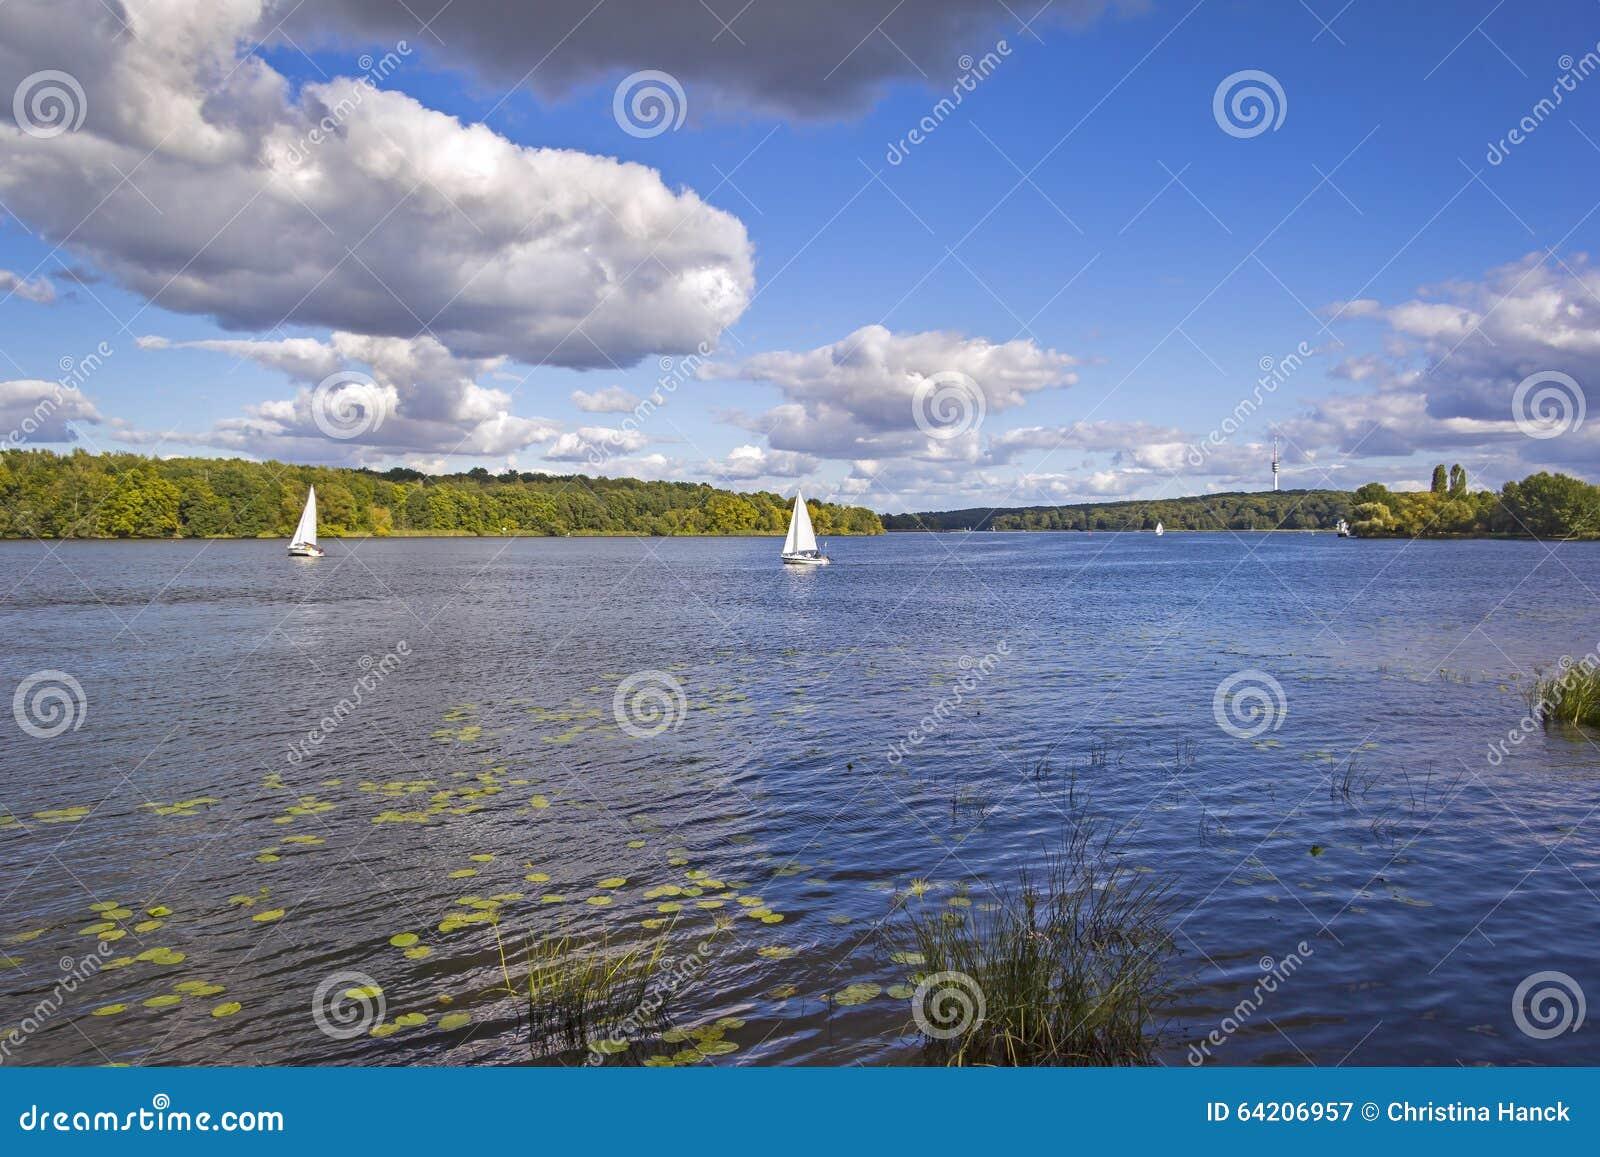 Barco de navegación en el río Havel, Potsdam